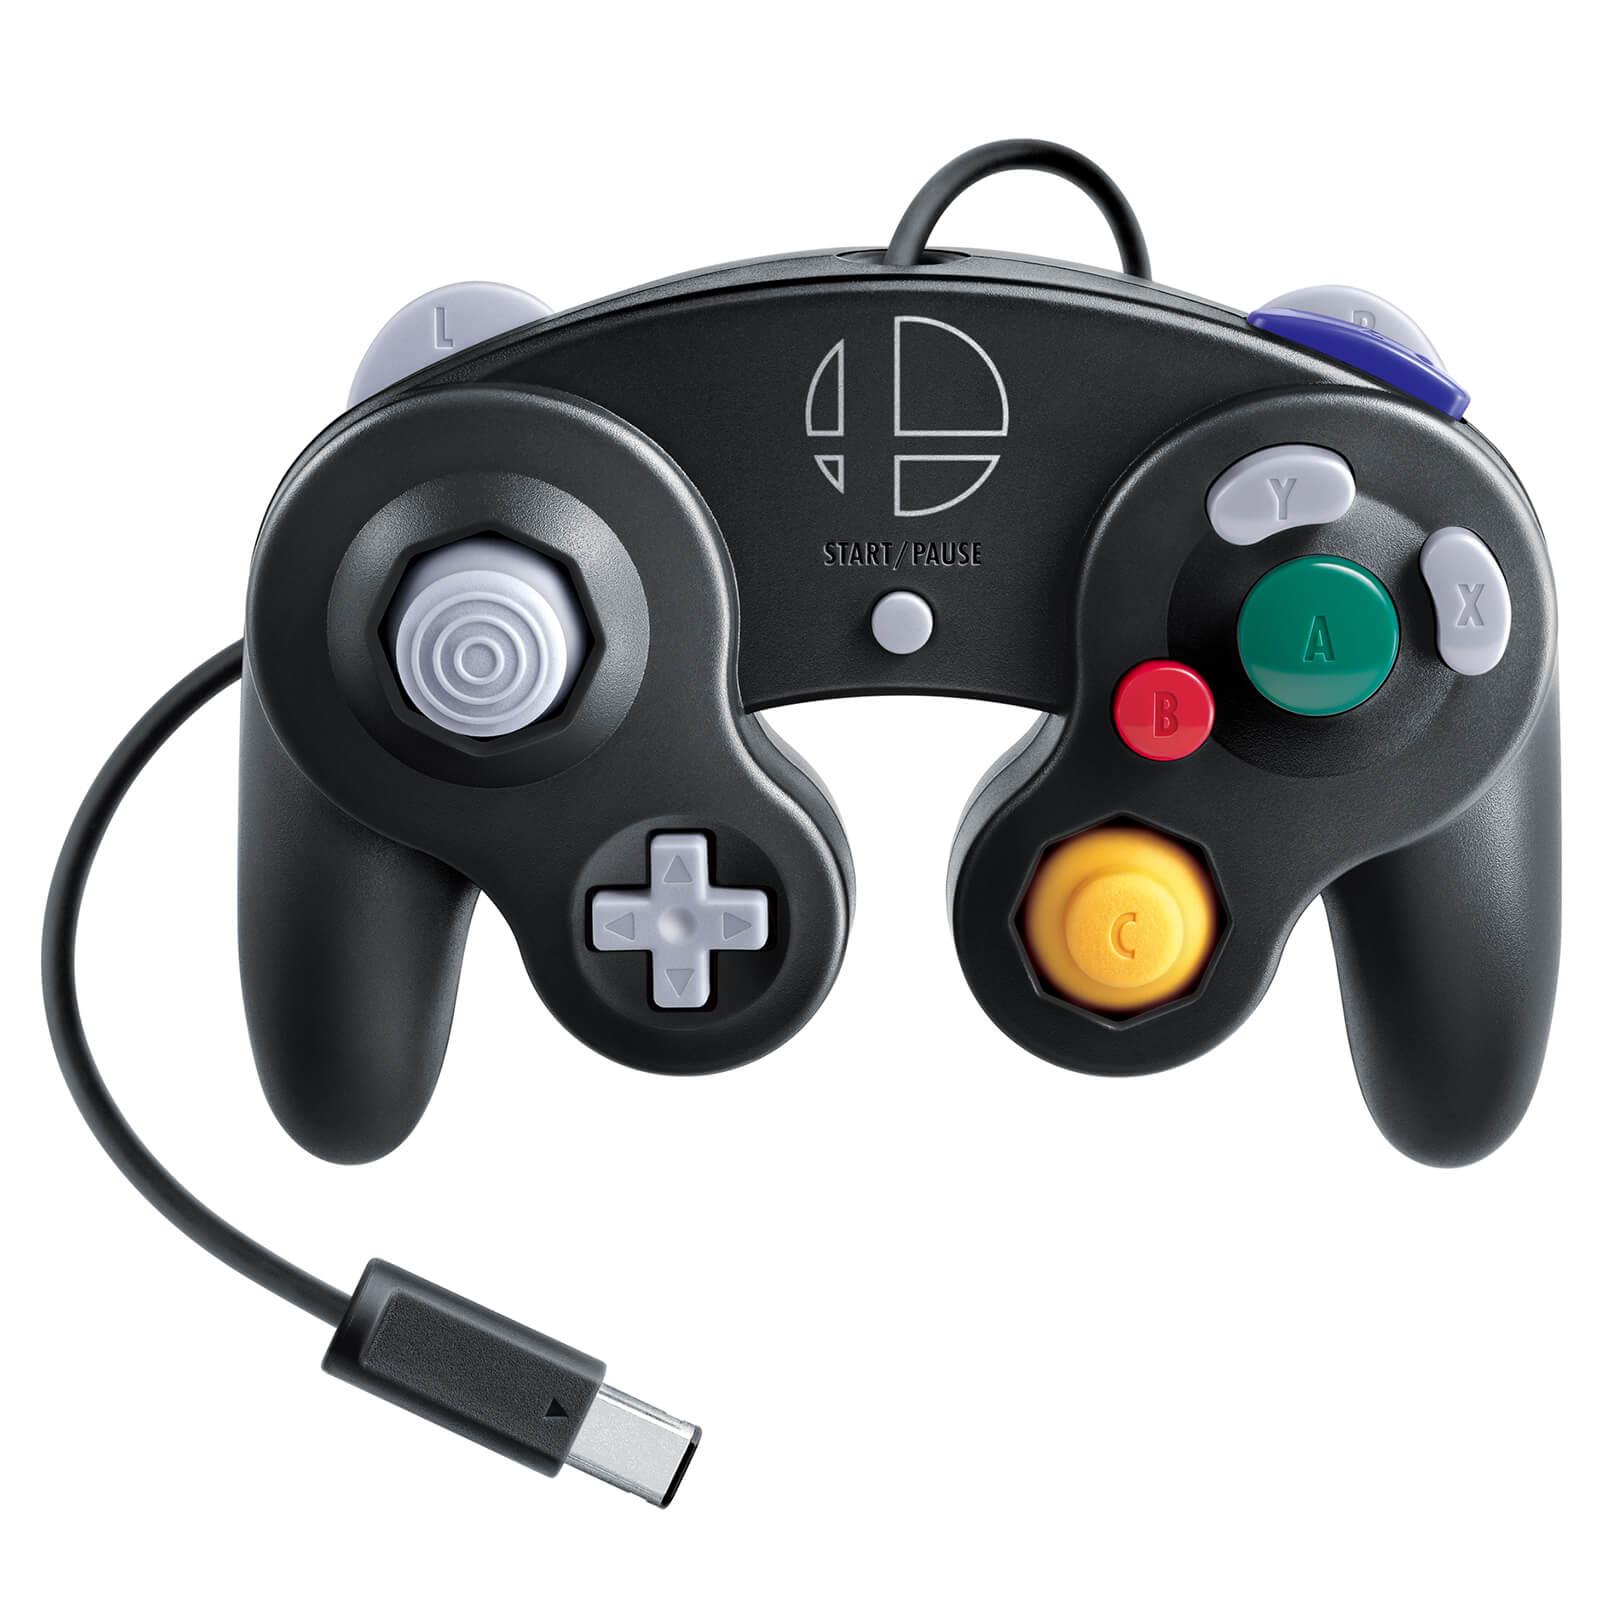 Official Nintendo GameCube Controller - Super Smash Bros. Edition £24.99 @ Nintendo